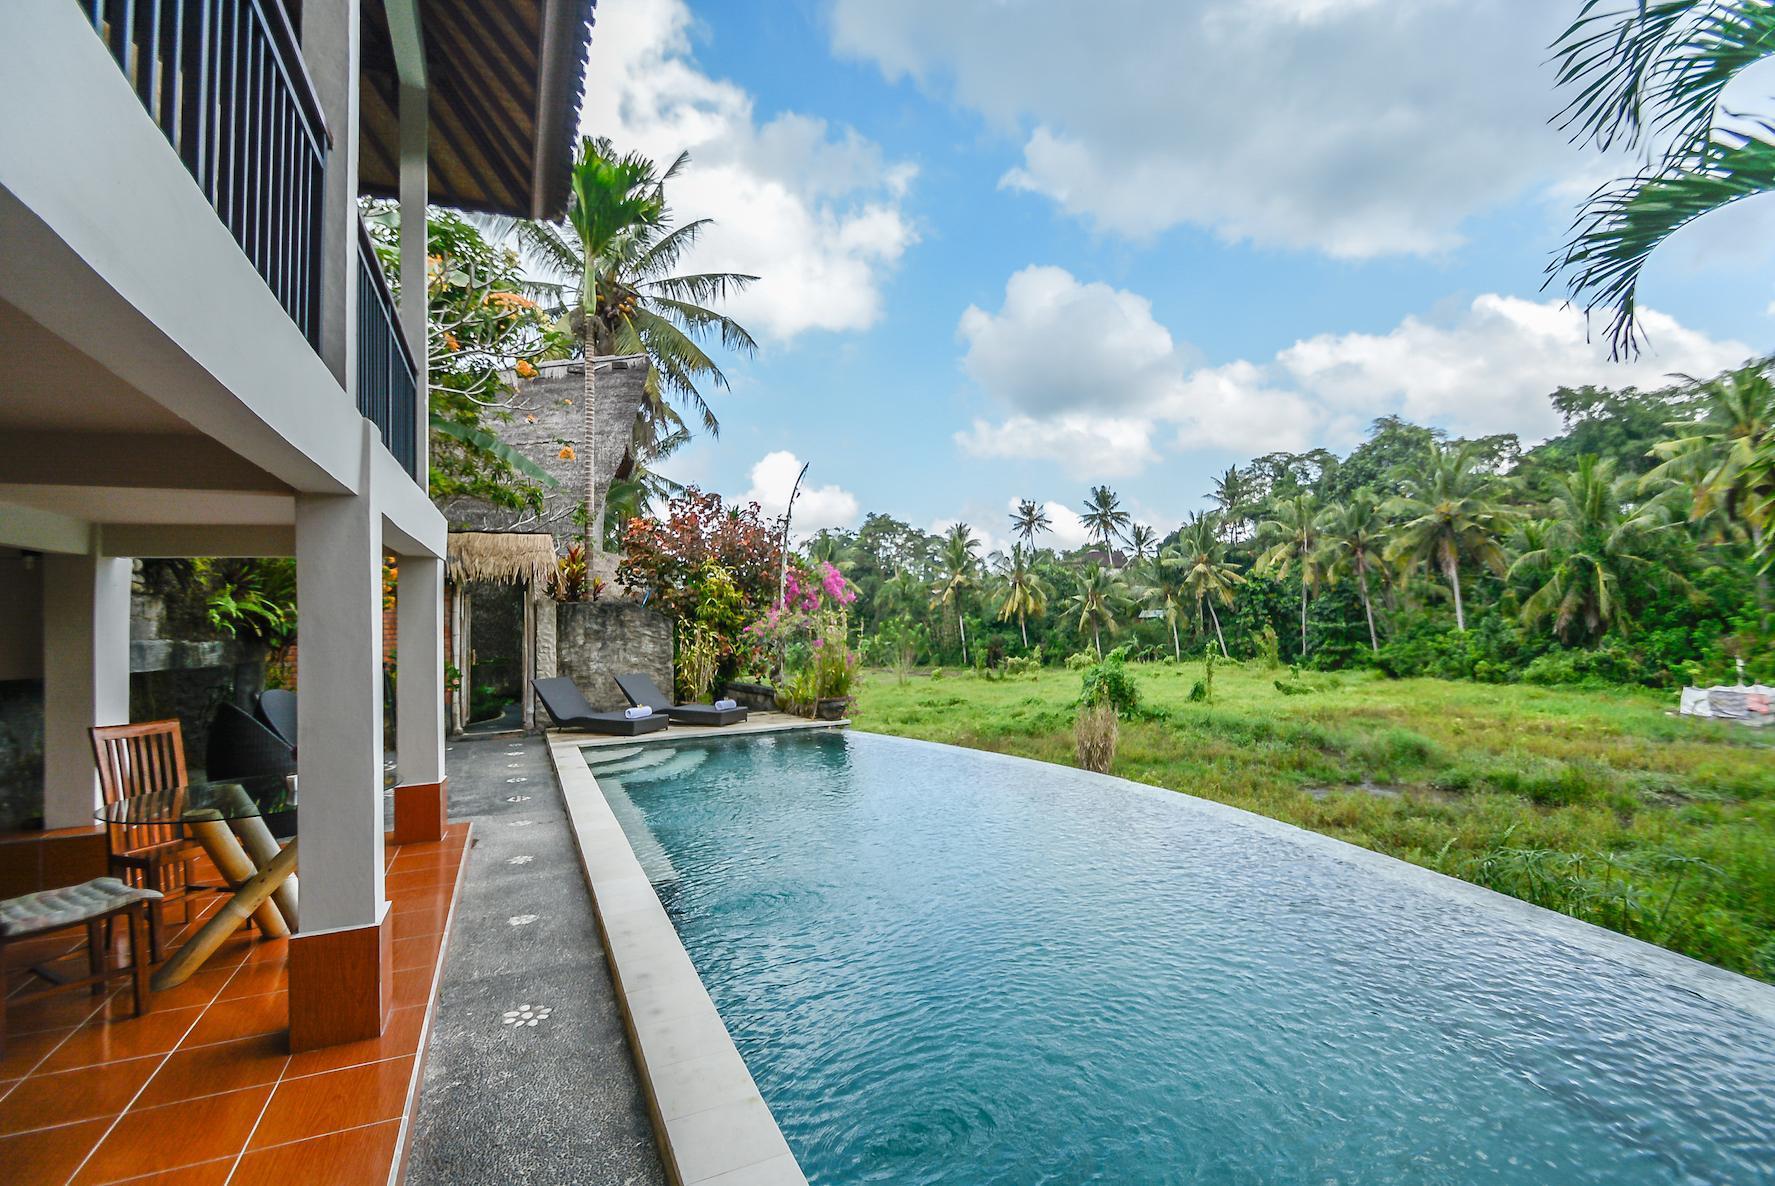 Le Sabot Bali